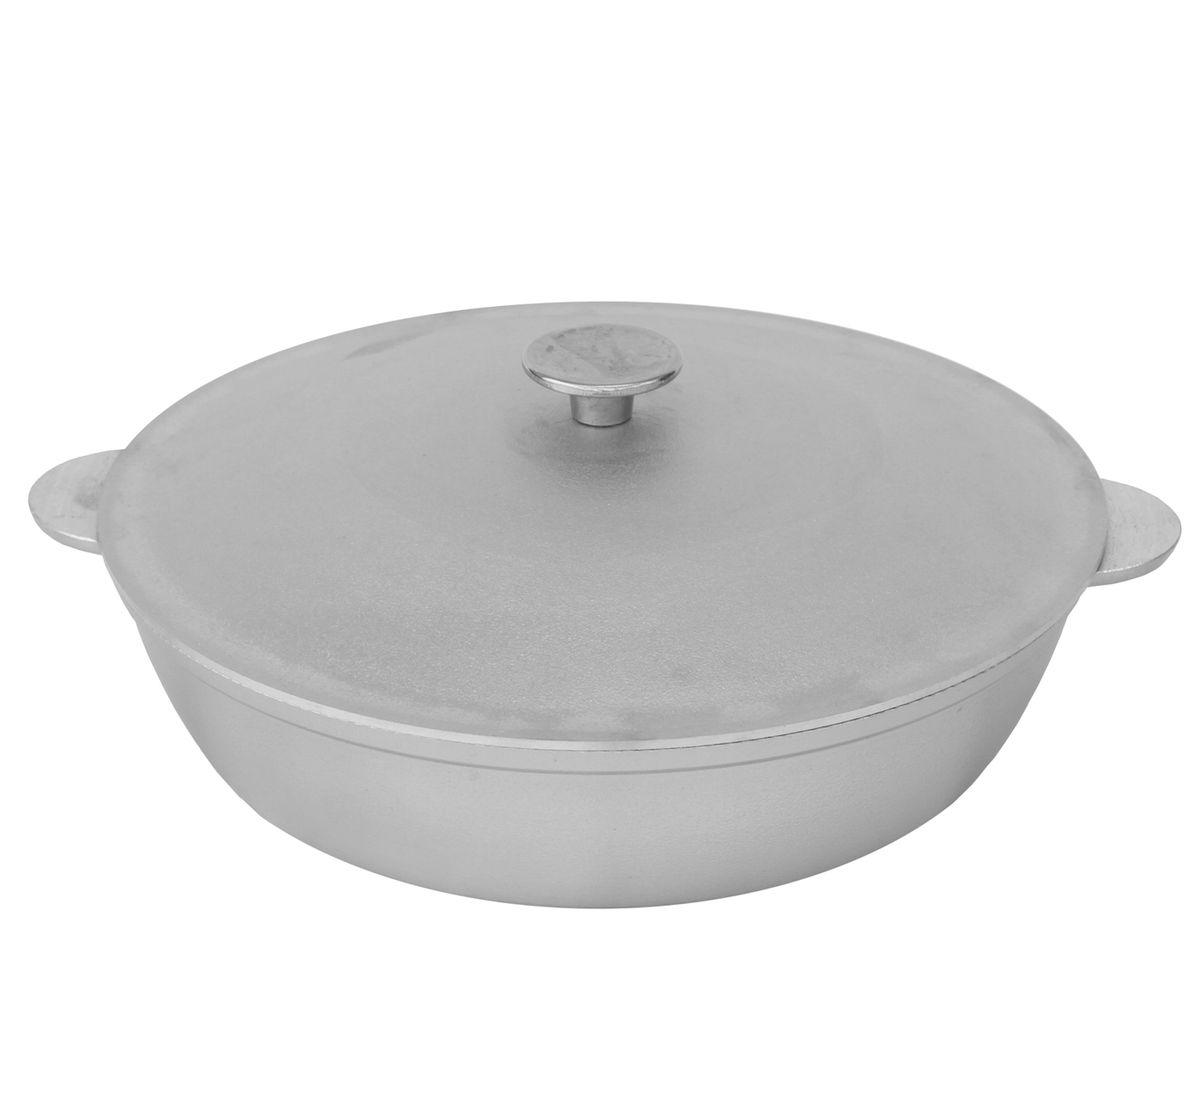 Сковорода, диаметр 36 см, с двумя алюминиевыми ручками и крышкой БИОЛА363